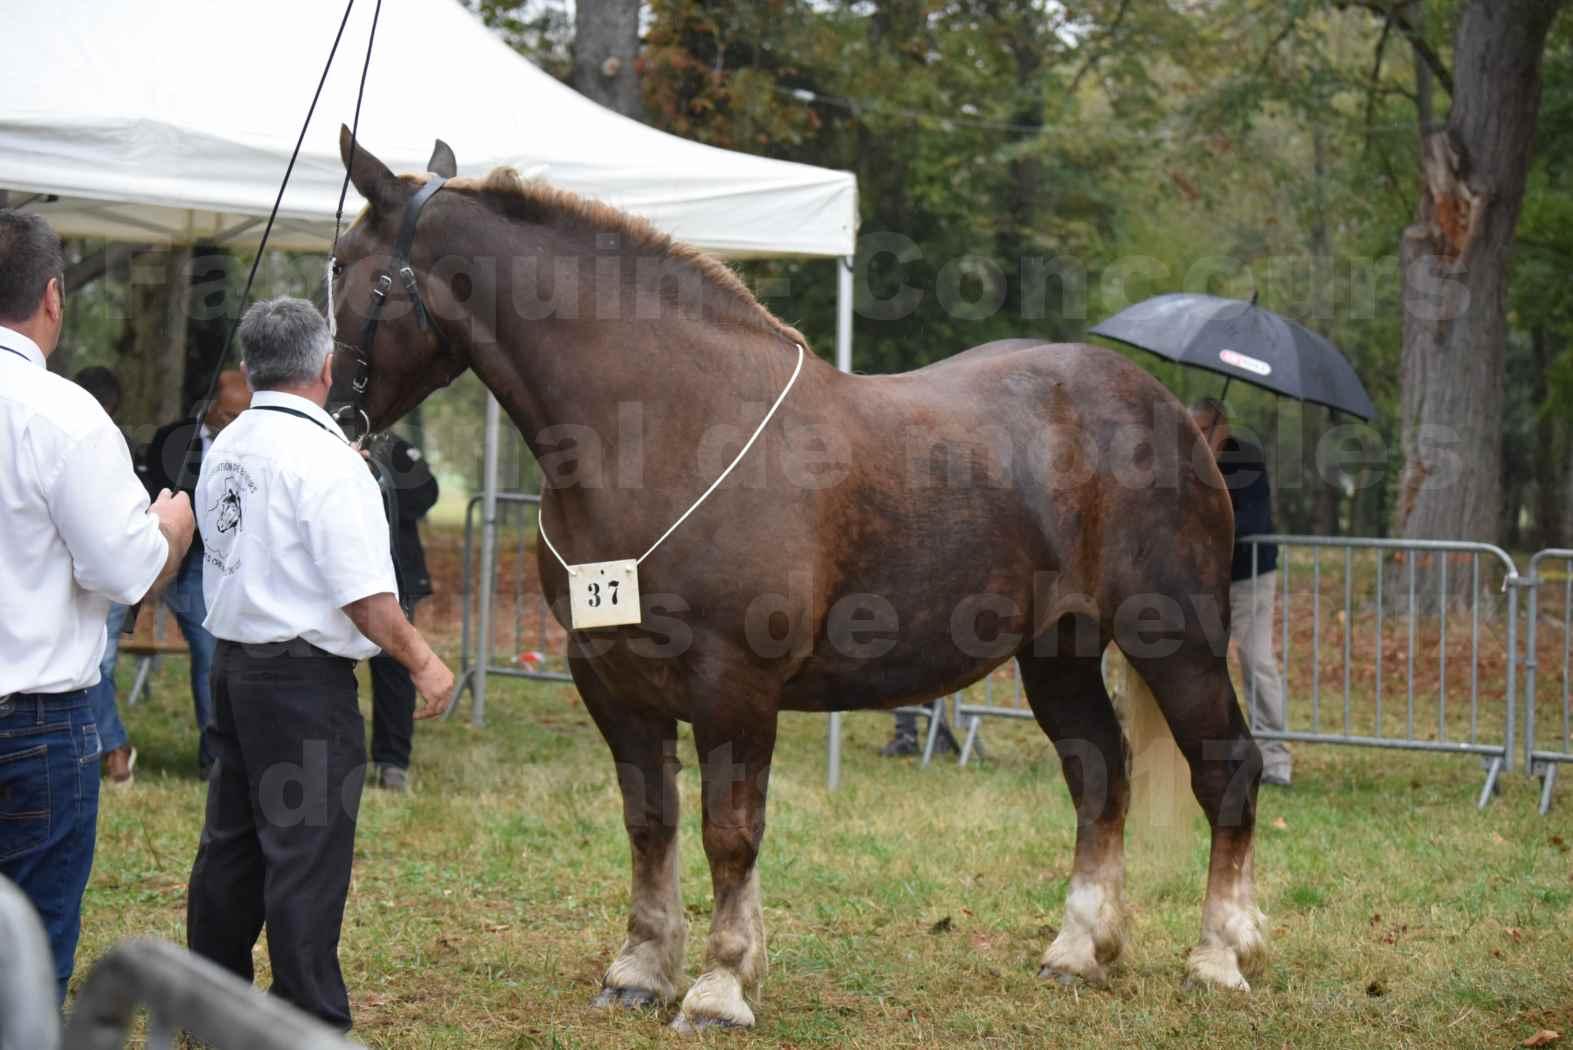 Concours Régional de chevaux de traits en 2017 - Trait BRETON - ELENNE DE TOU FOLL - 01